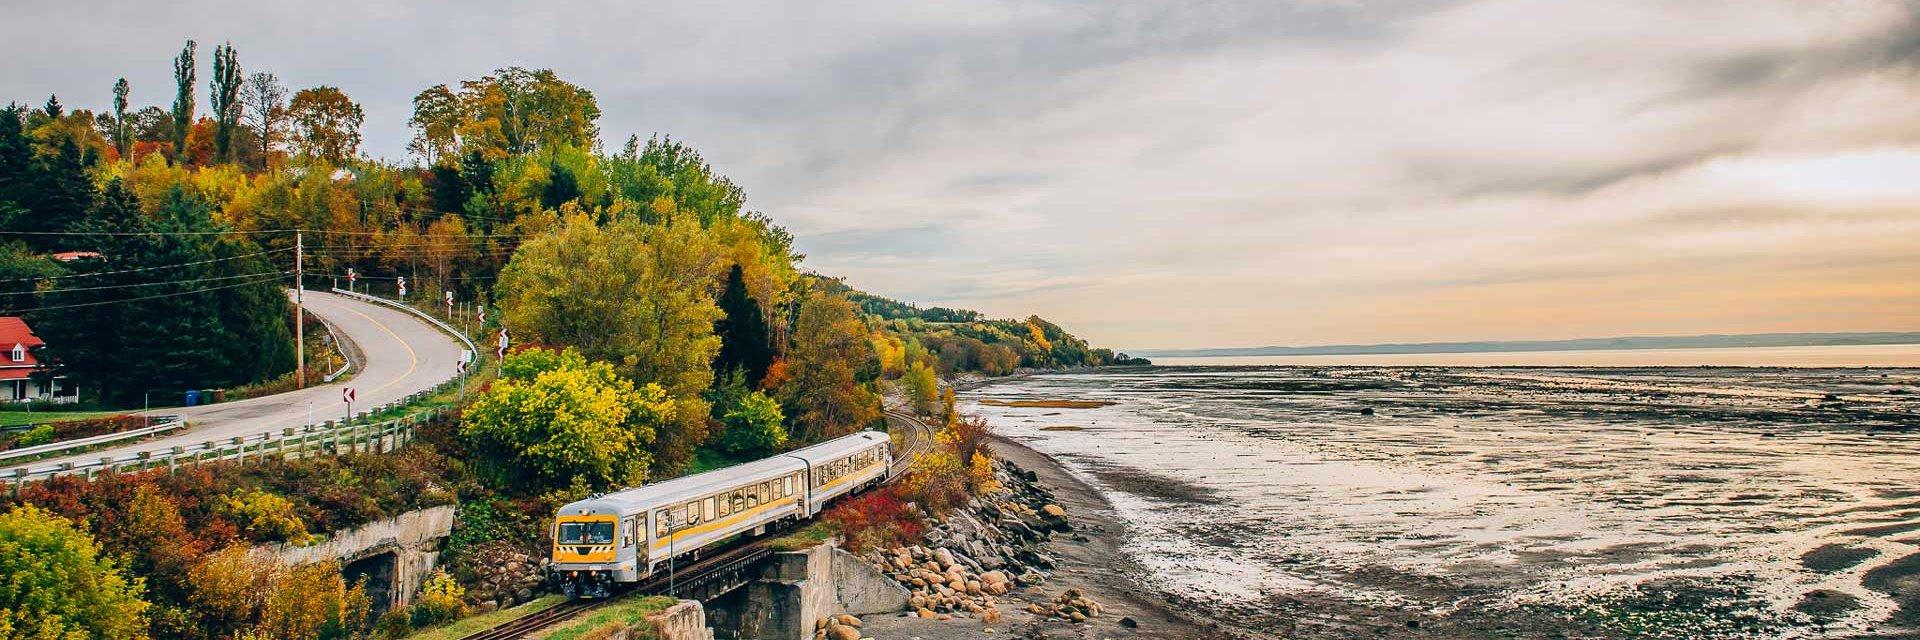 Train animé de Charlevoix et l'Isle-aux-Coudres